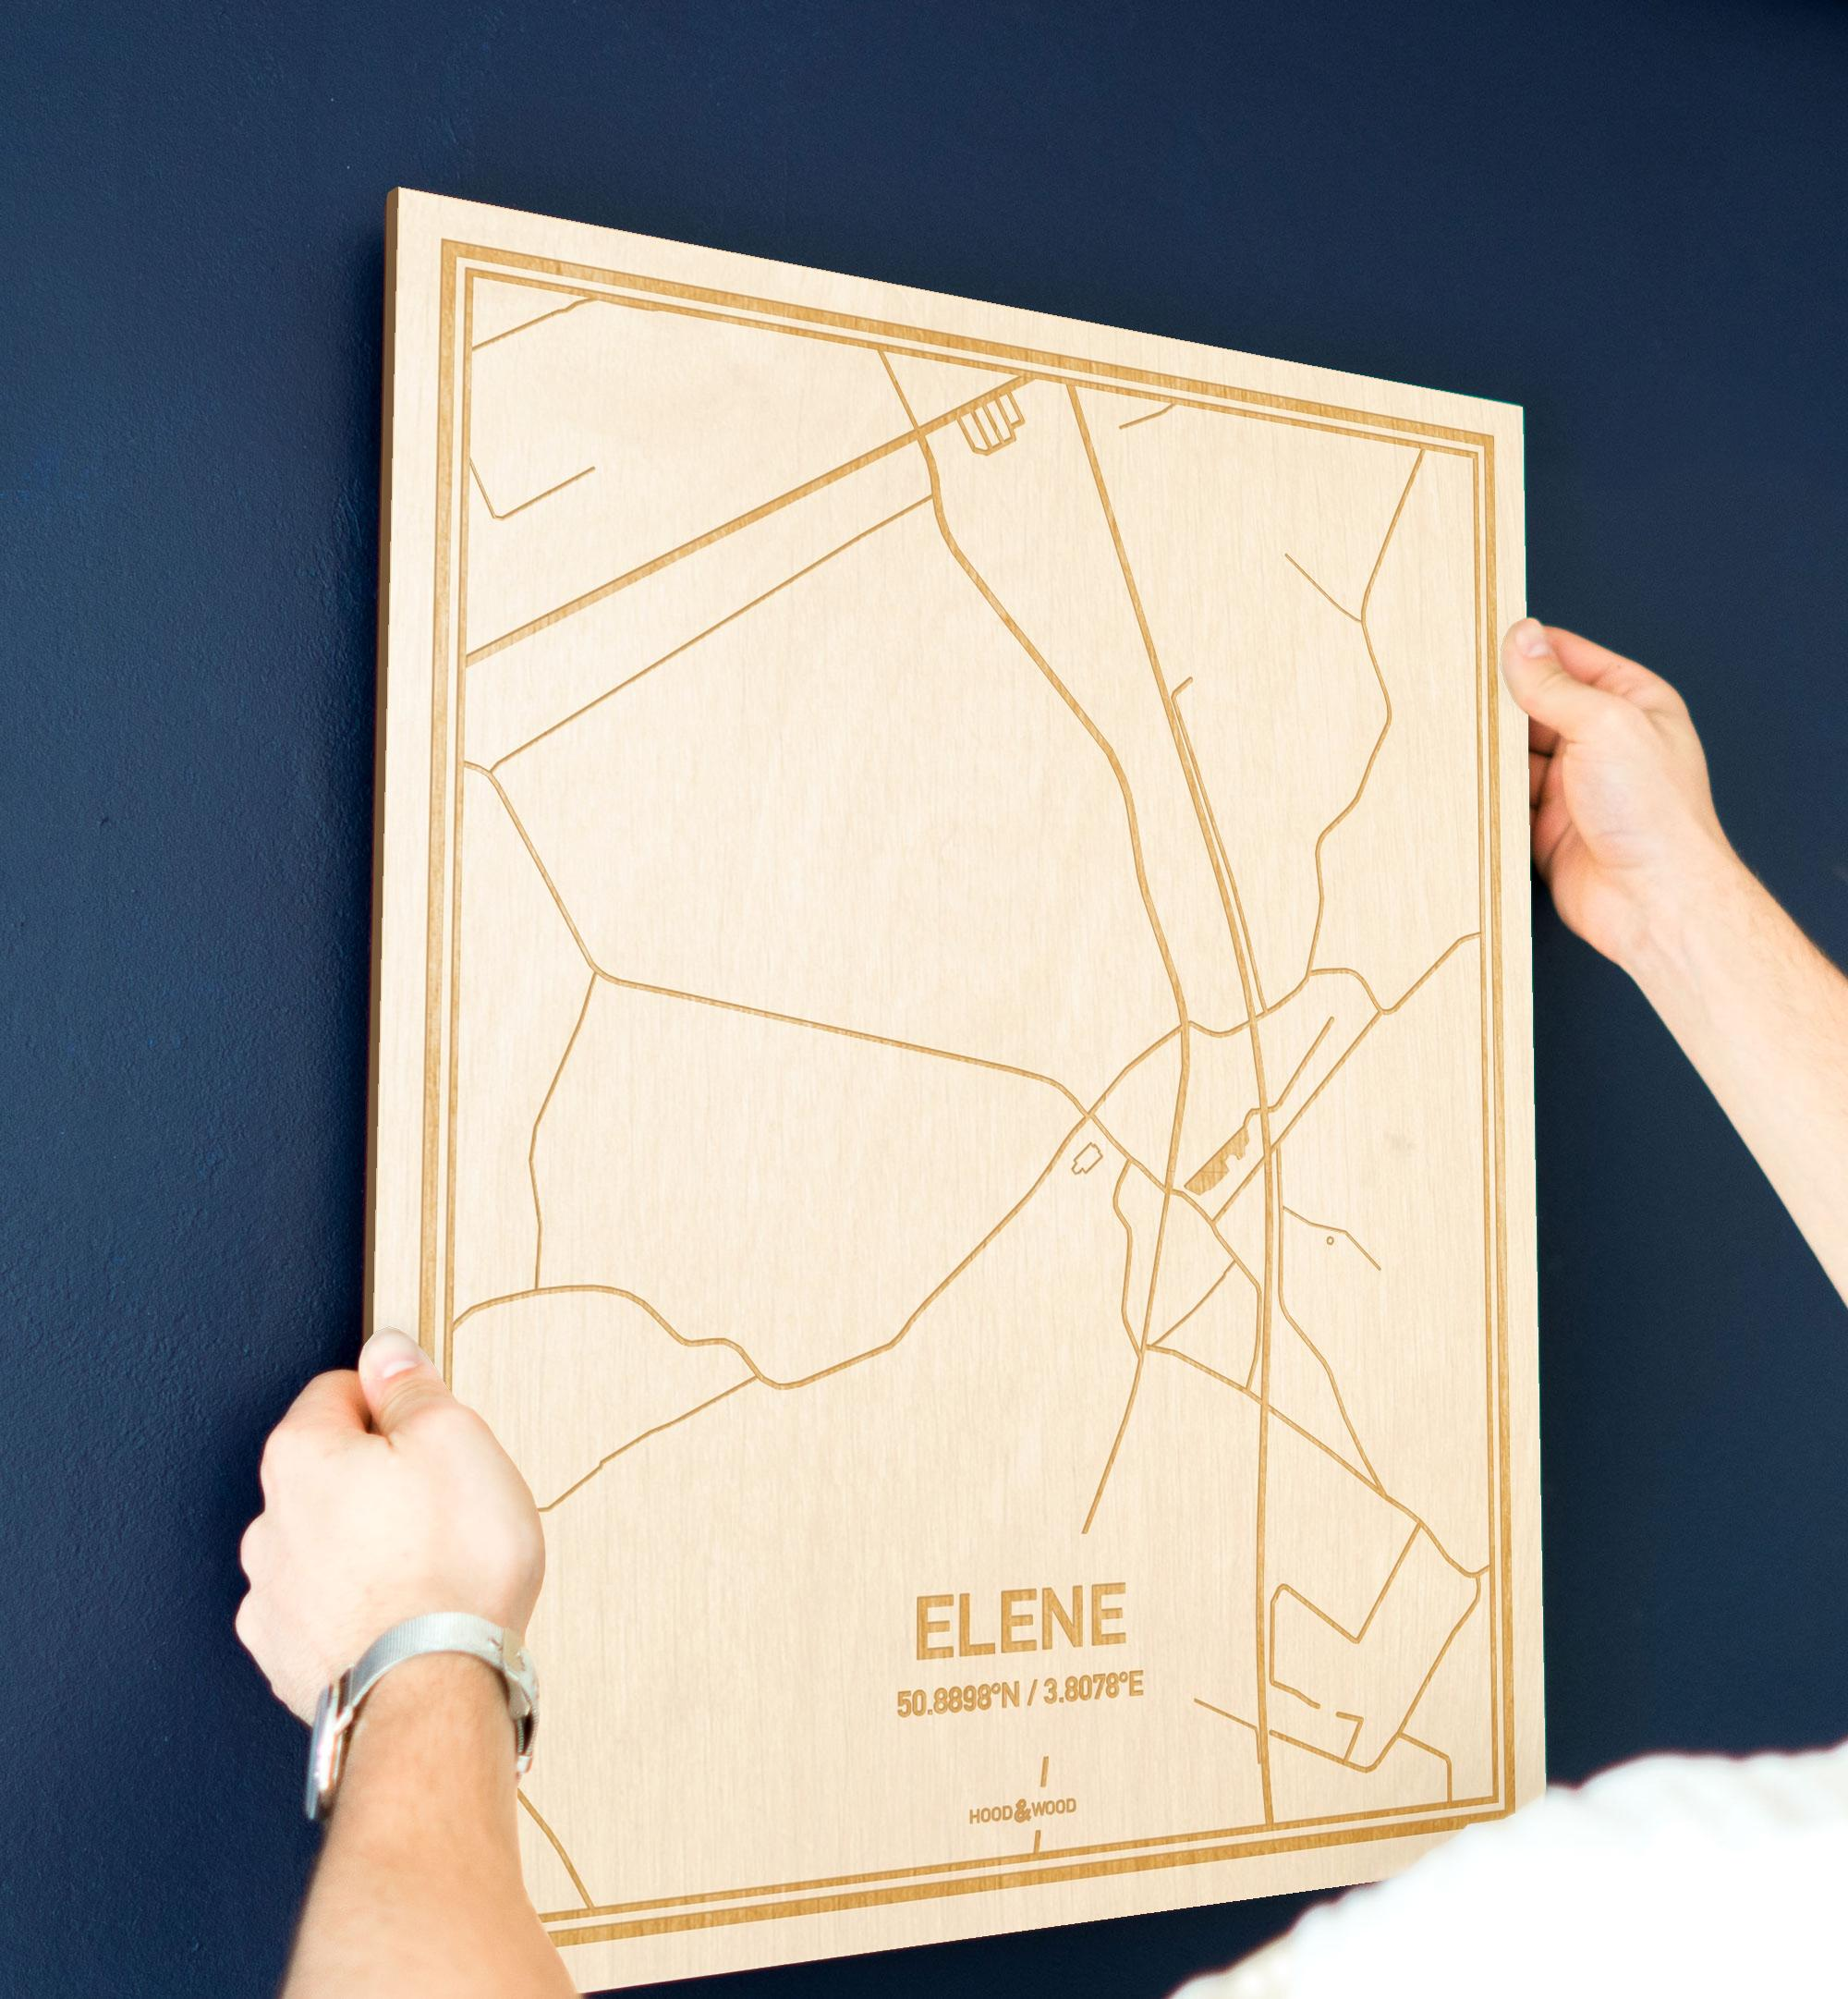 Een man hangt de houten plattegrond Elene aan zijn blauwe muur ter decoratie. Je ziet alleen zijn handen de kaart van deze prachtige in Oost-Vlaanderen  vasthouden.